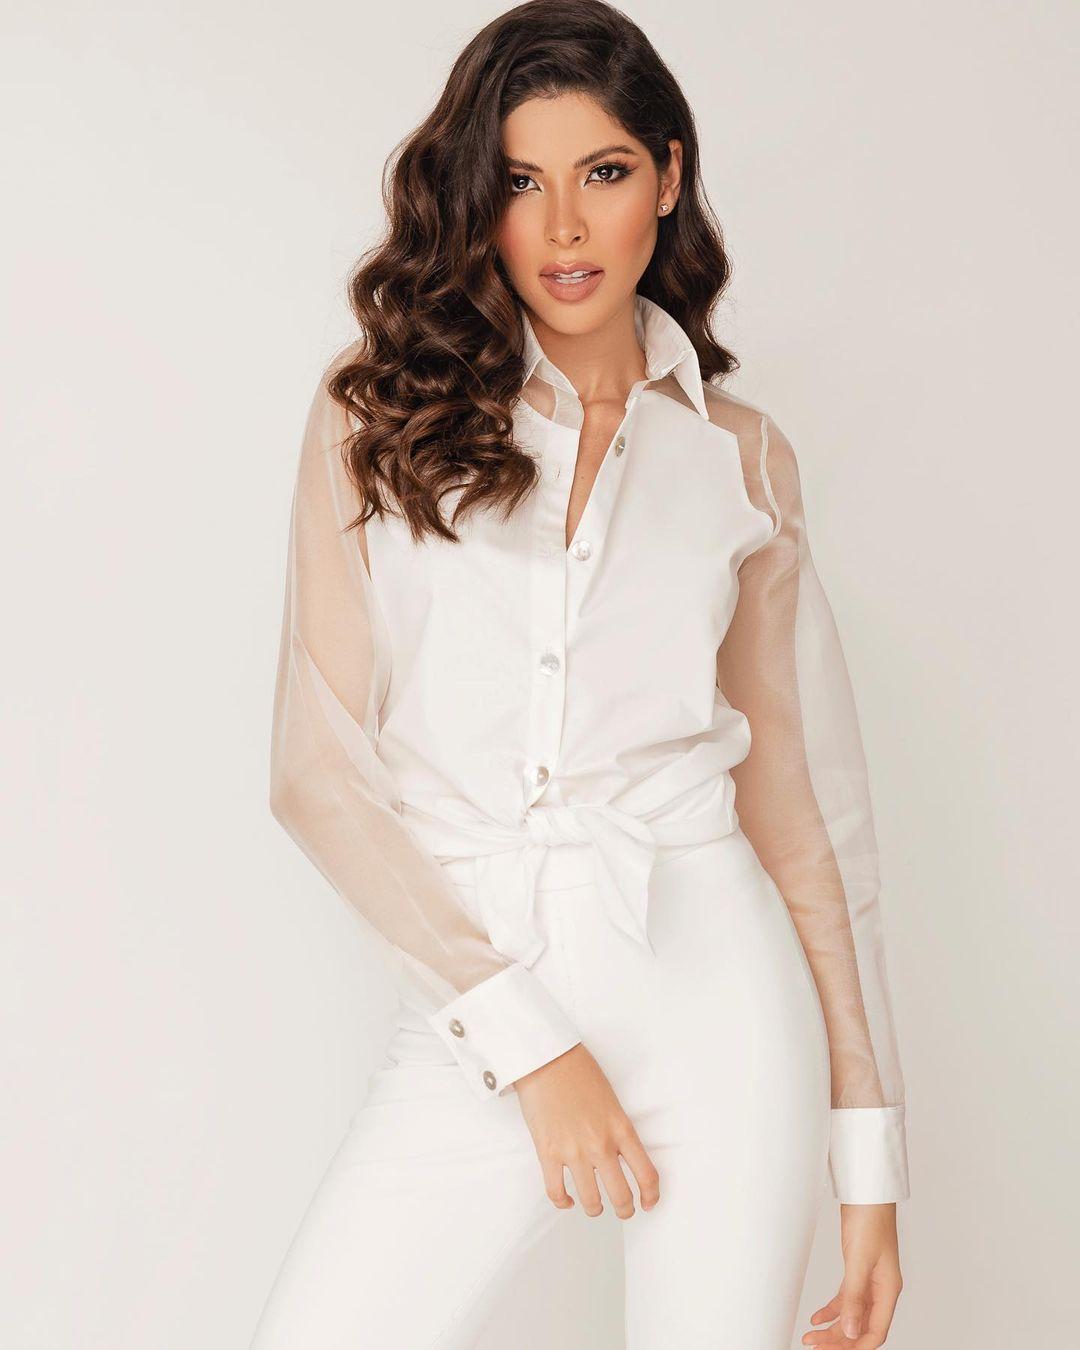 laura olascuaga, top 21 de miss universe 2020. - Página 2 Laurao26